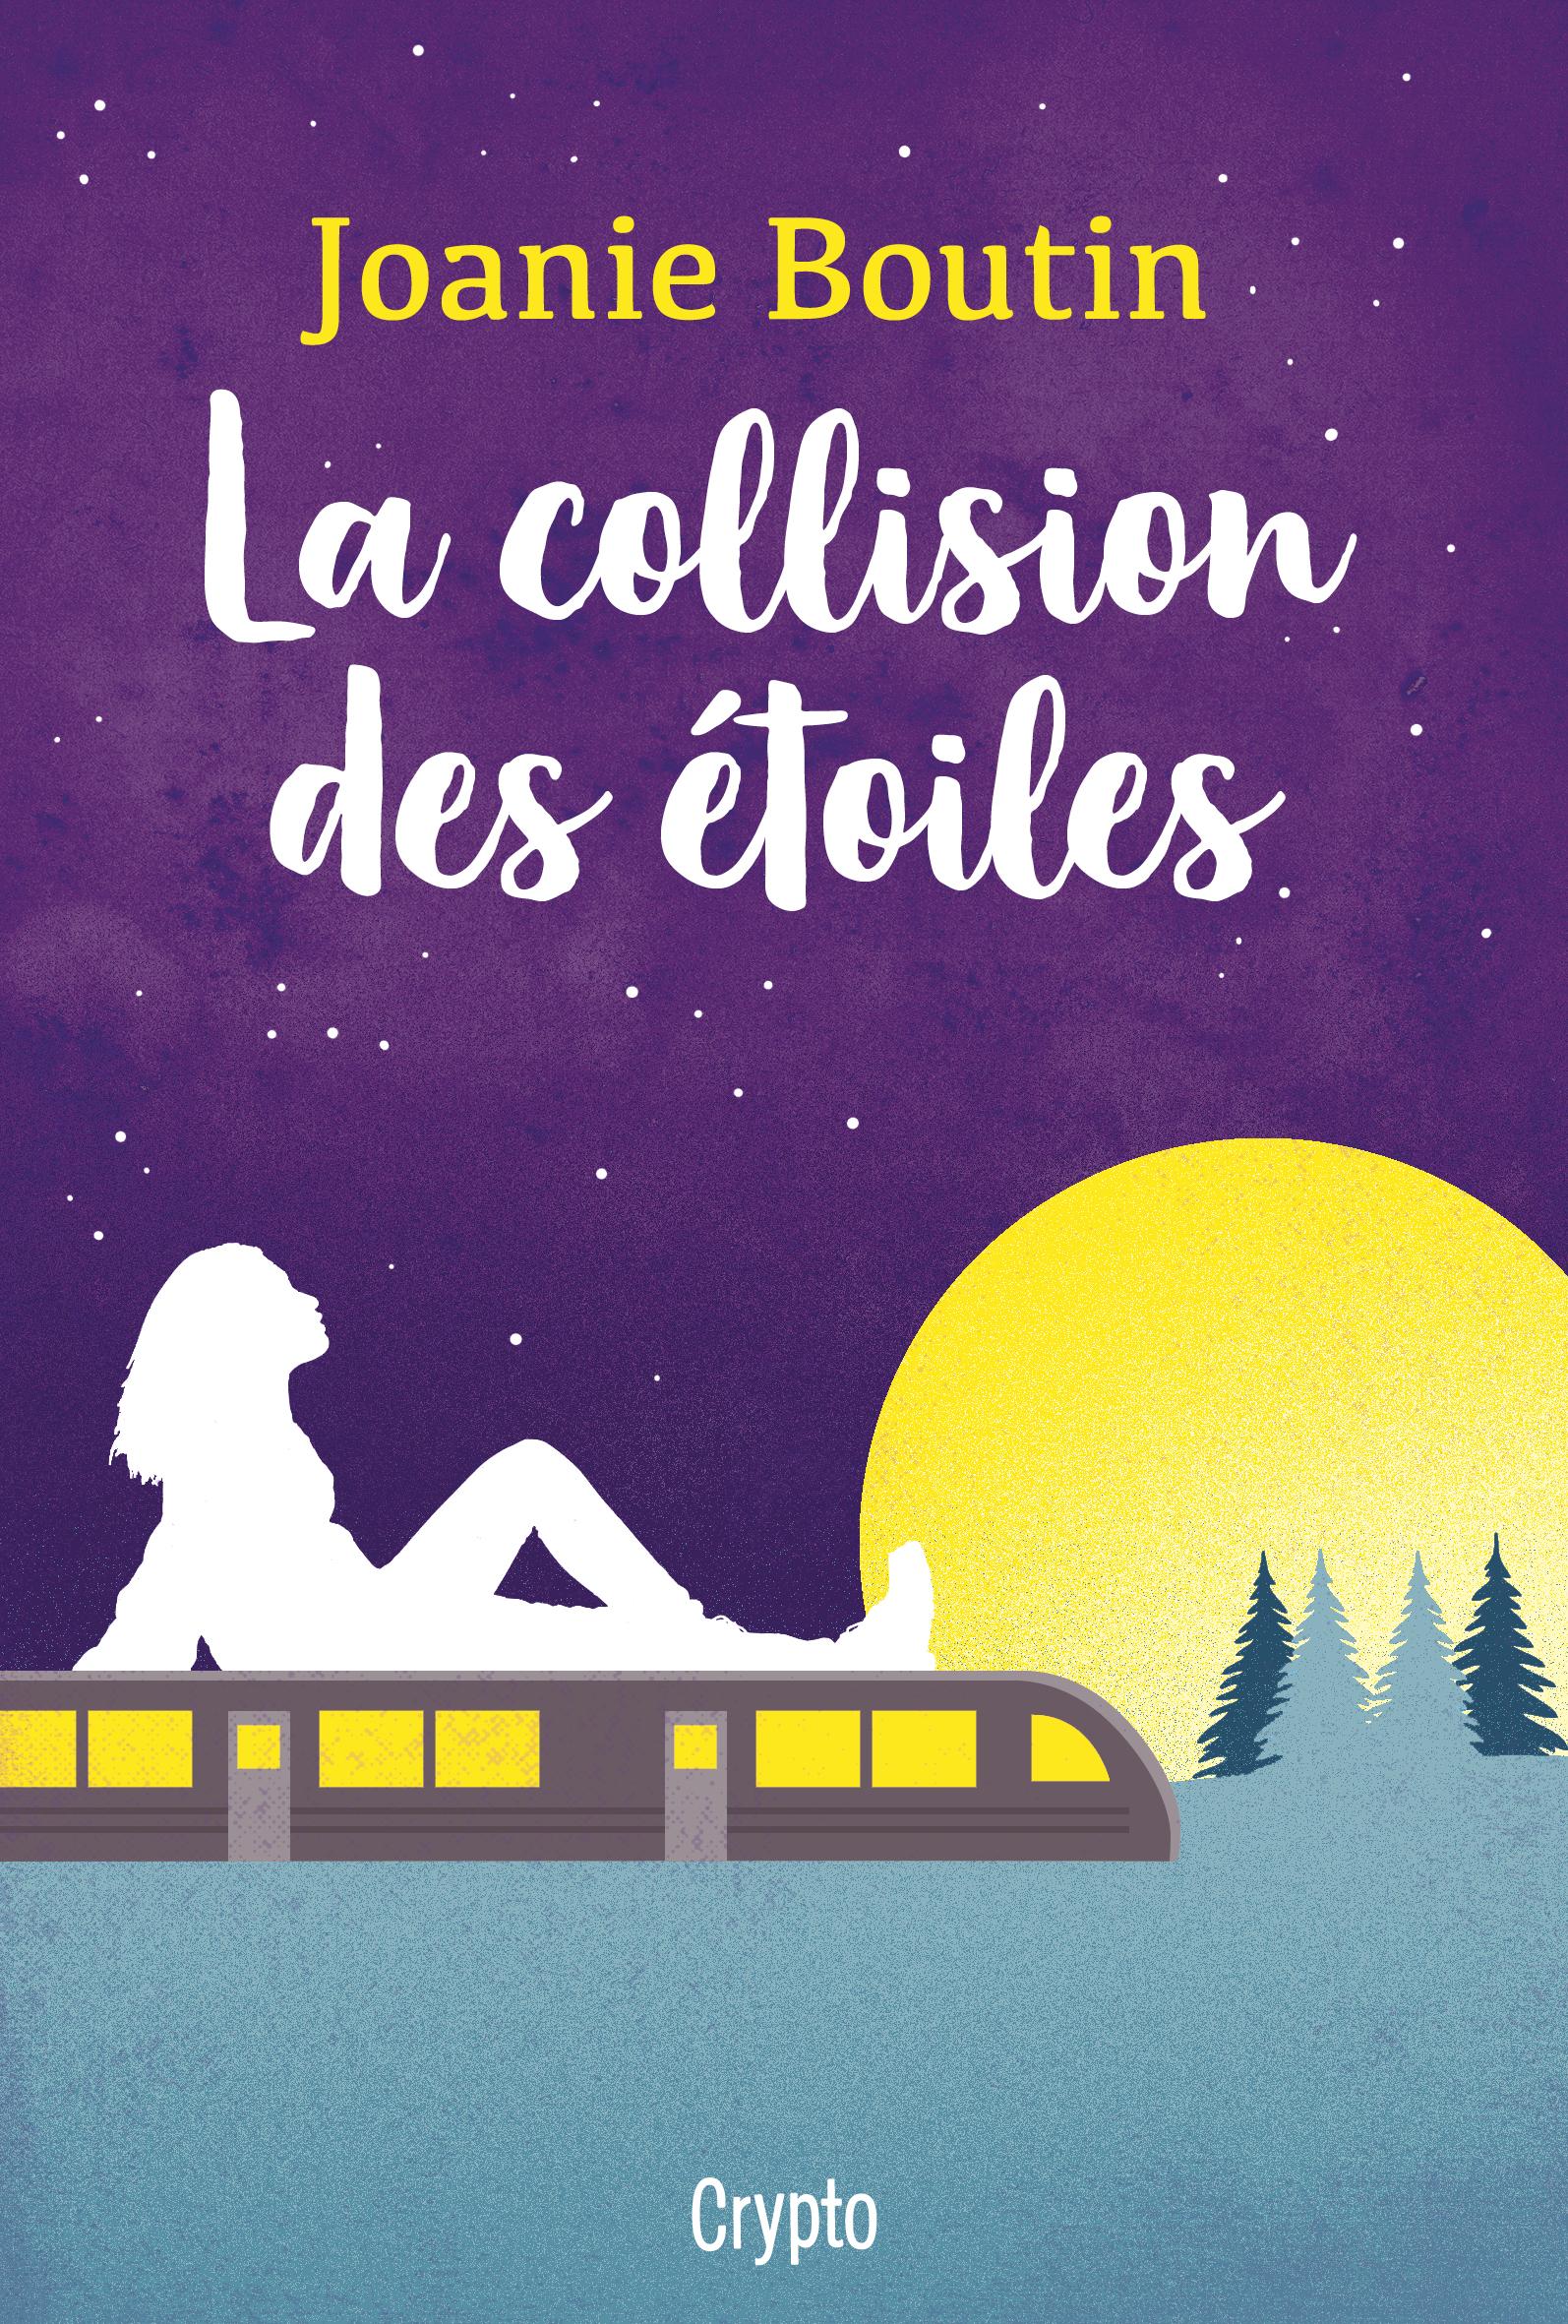 La collision des étoiles